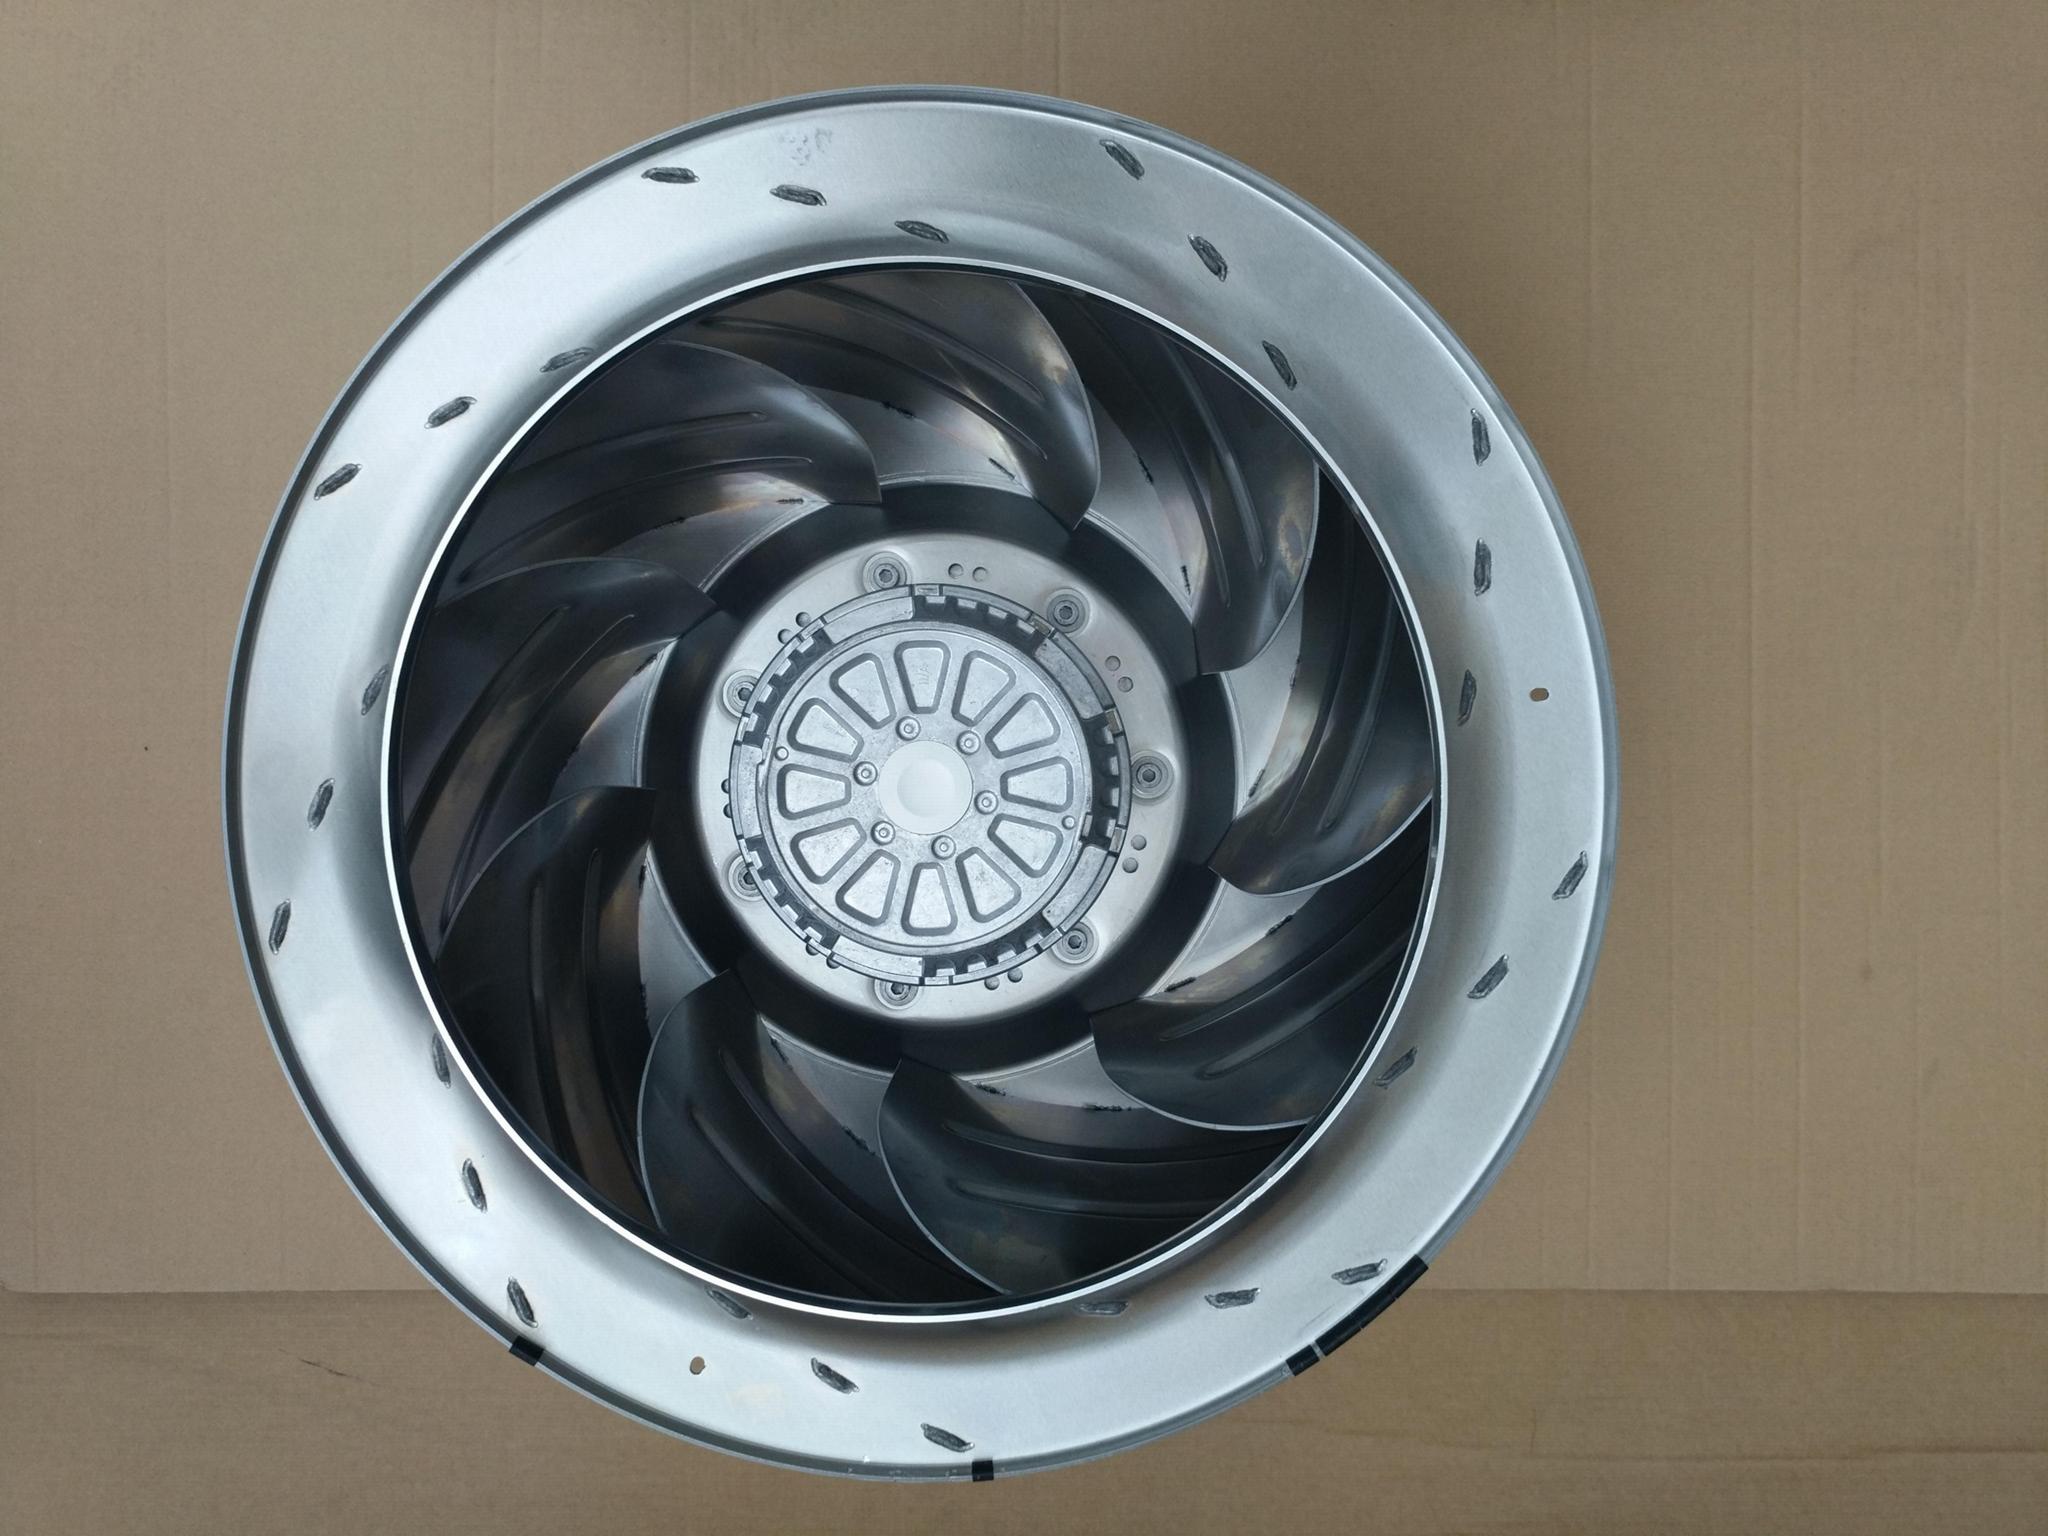 德國EBM-PAPST原裝風機R4D560-AQ03-01風幕牆風機高壓風機 1